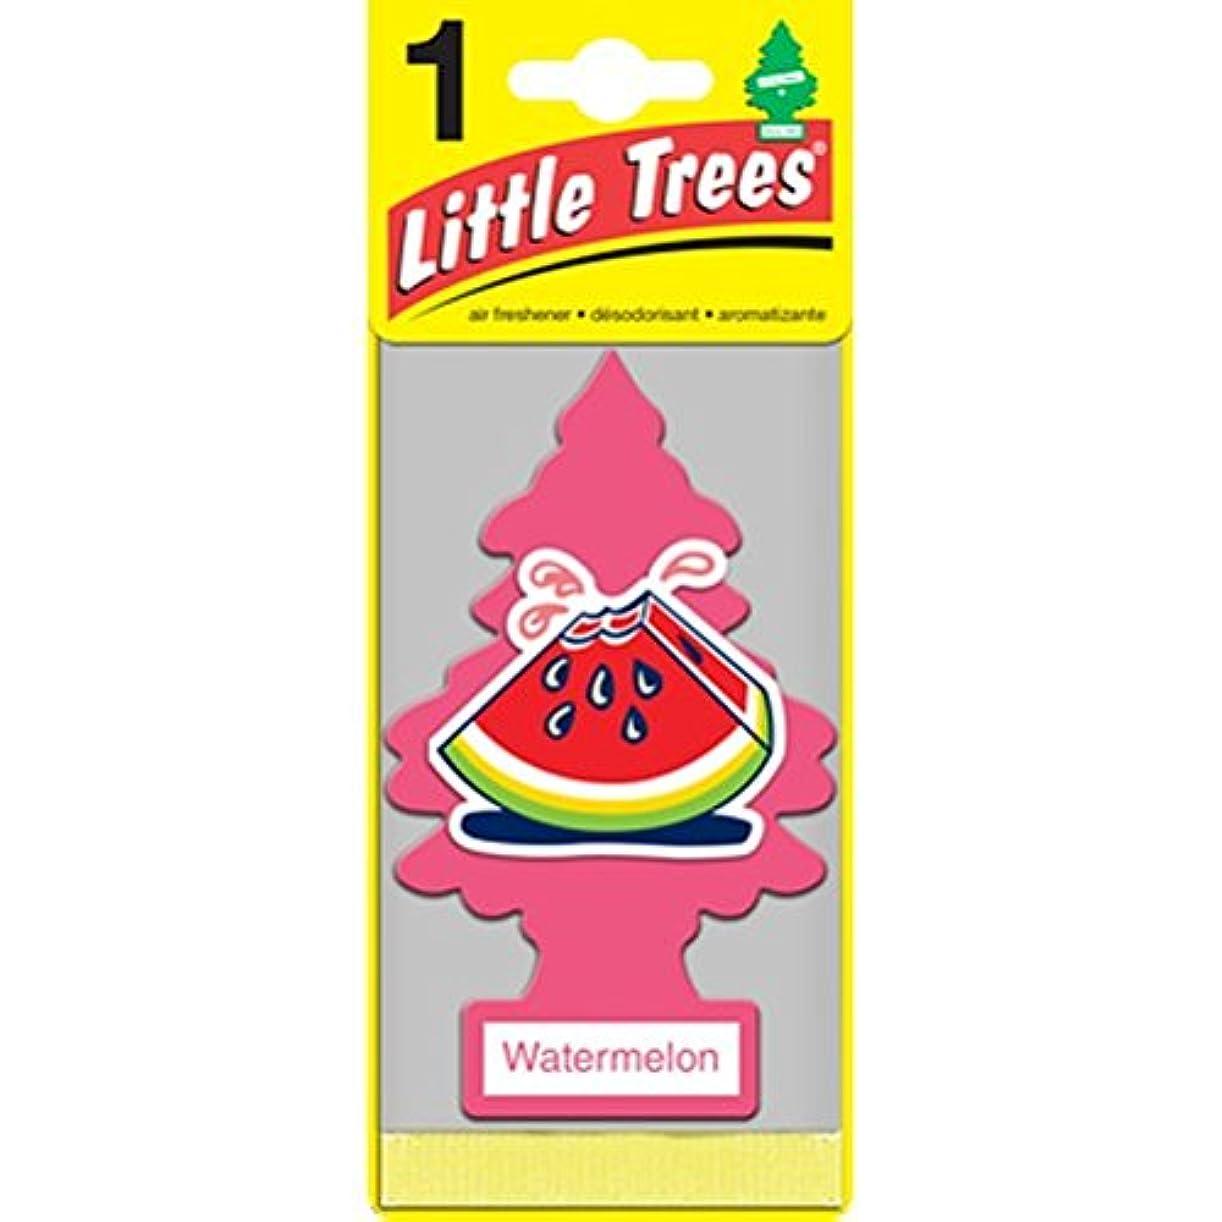 スキップ王子山岳Little Trees Watermelon 吊り下げタイプ air freshener 3-paks(3枚入り)